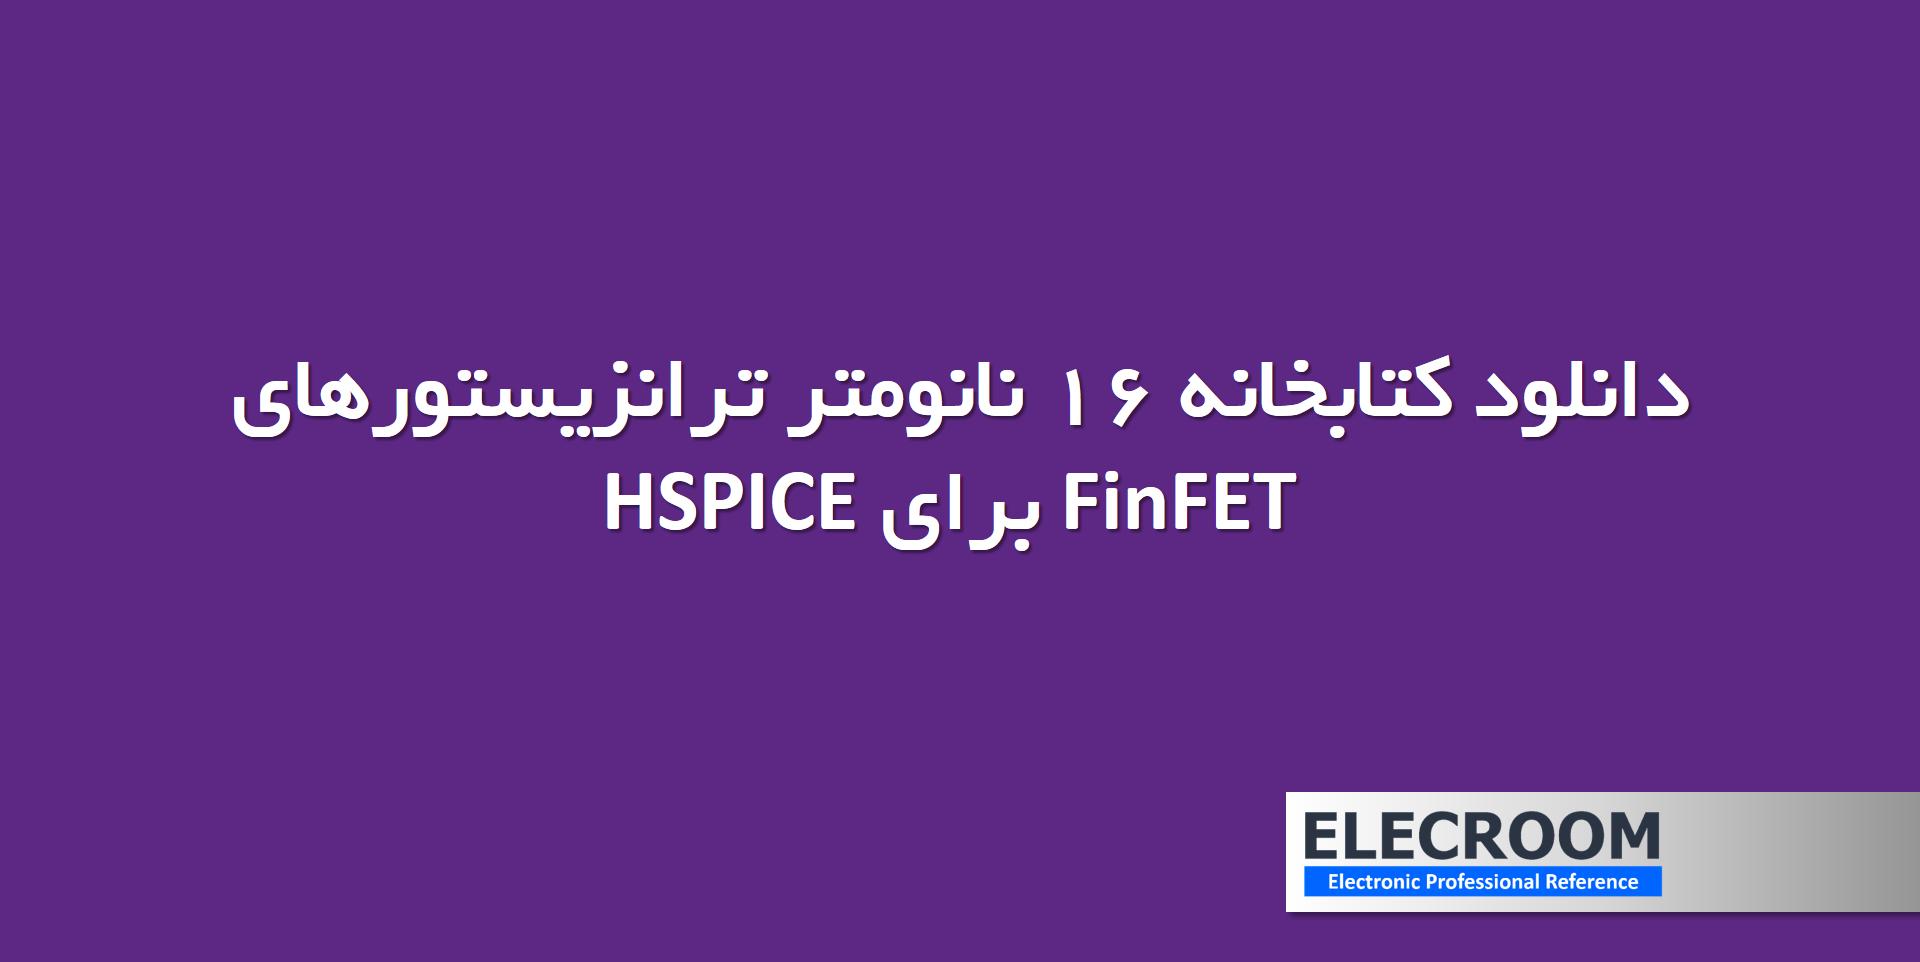 دانلود کتابخانه 16 نانومتر FinFET برای HSPICE